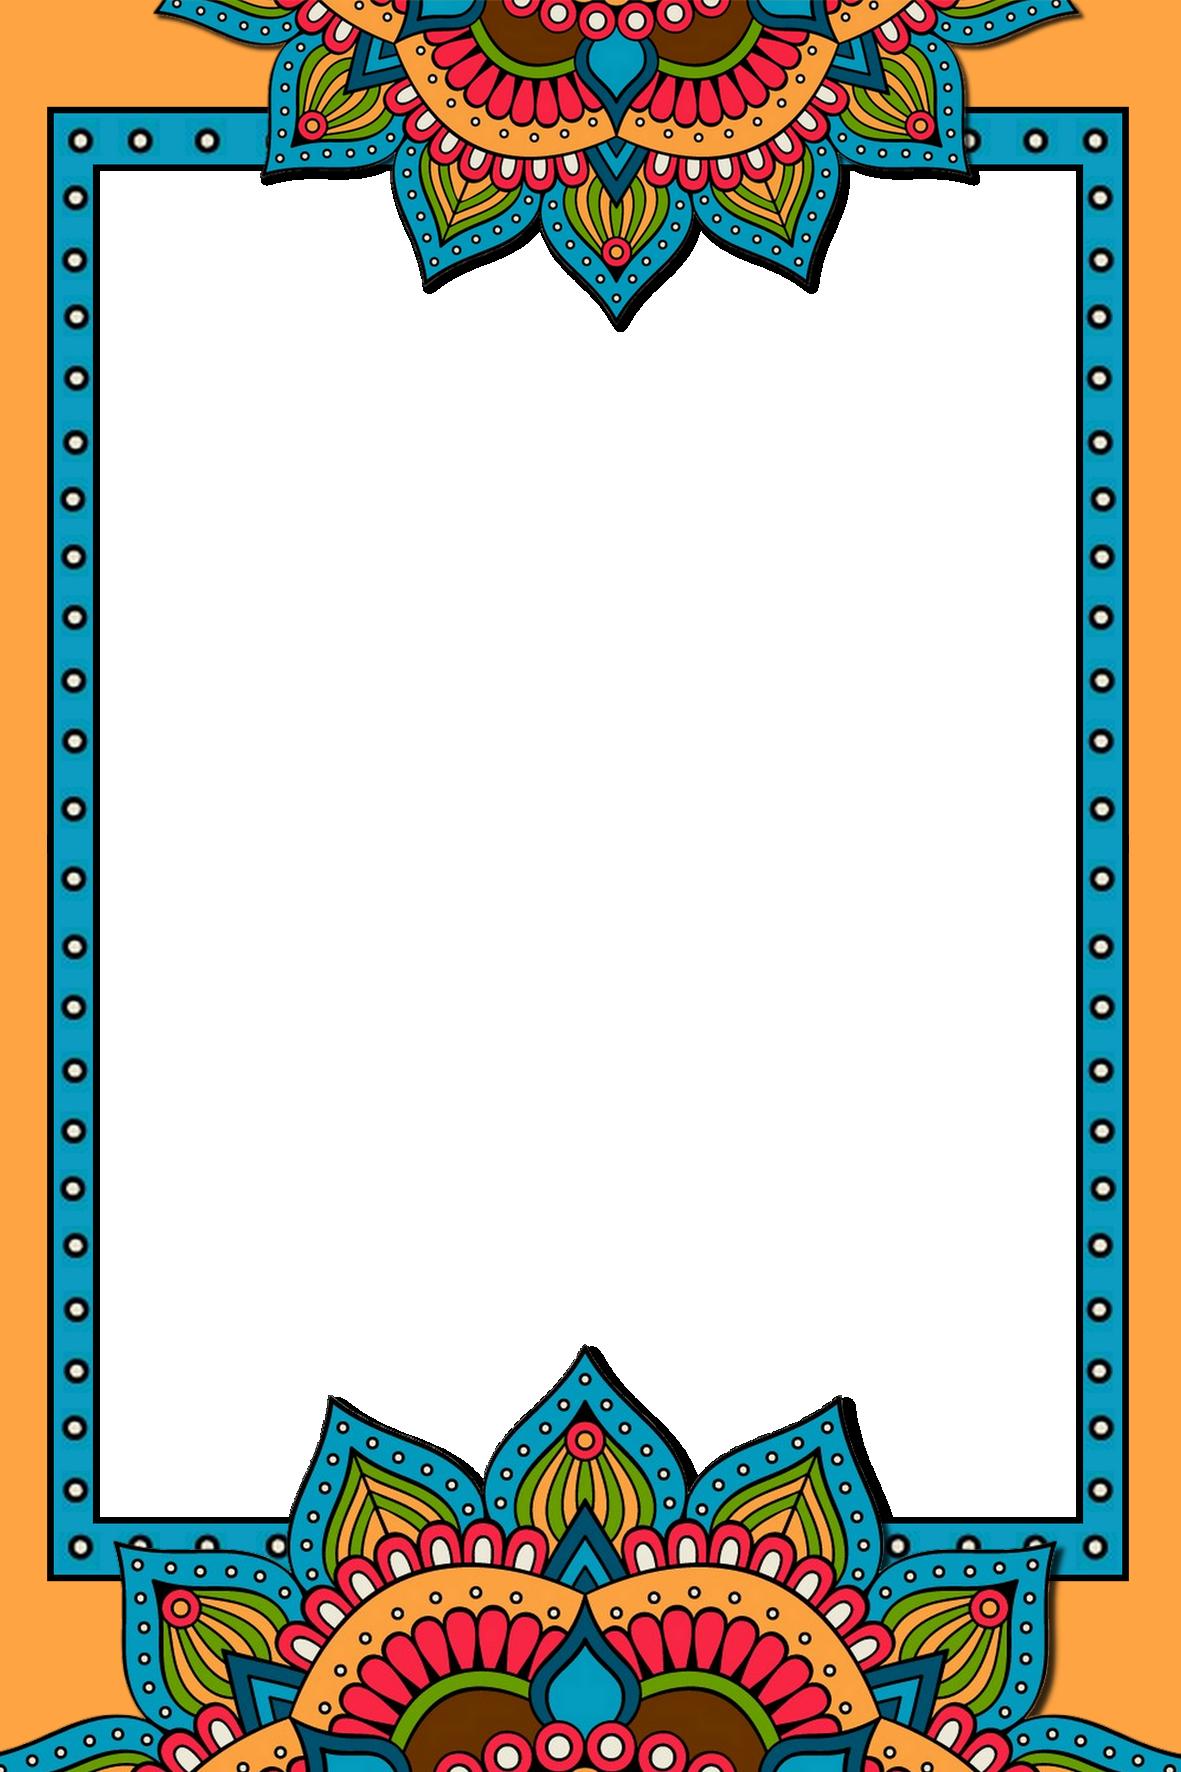 Frame Png 2020 Islami Sanat Cerceve Sanat